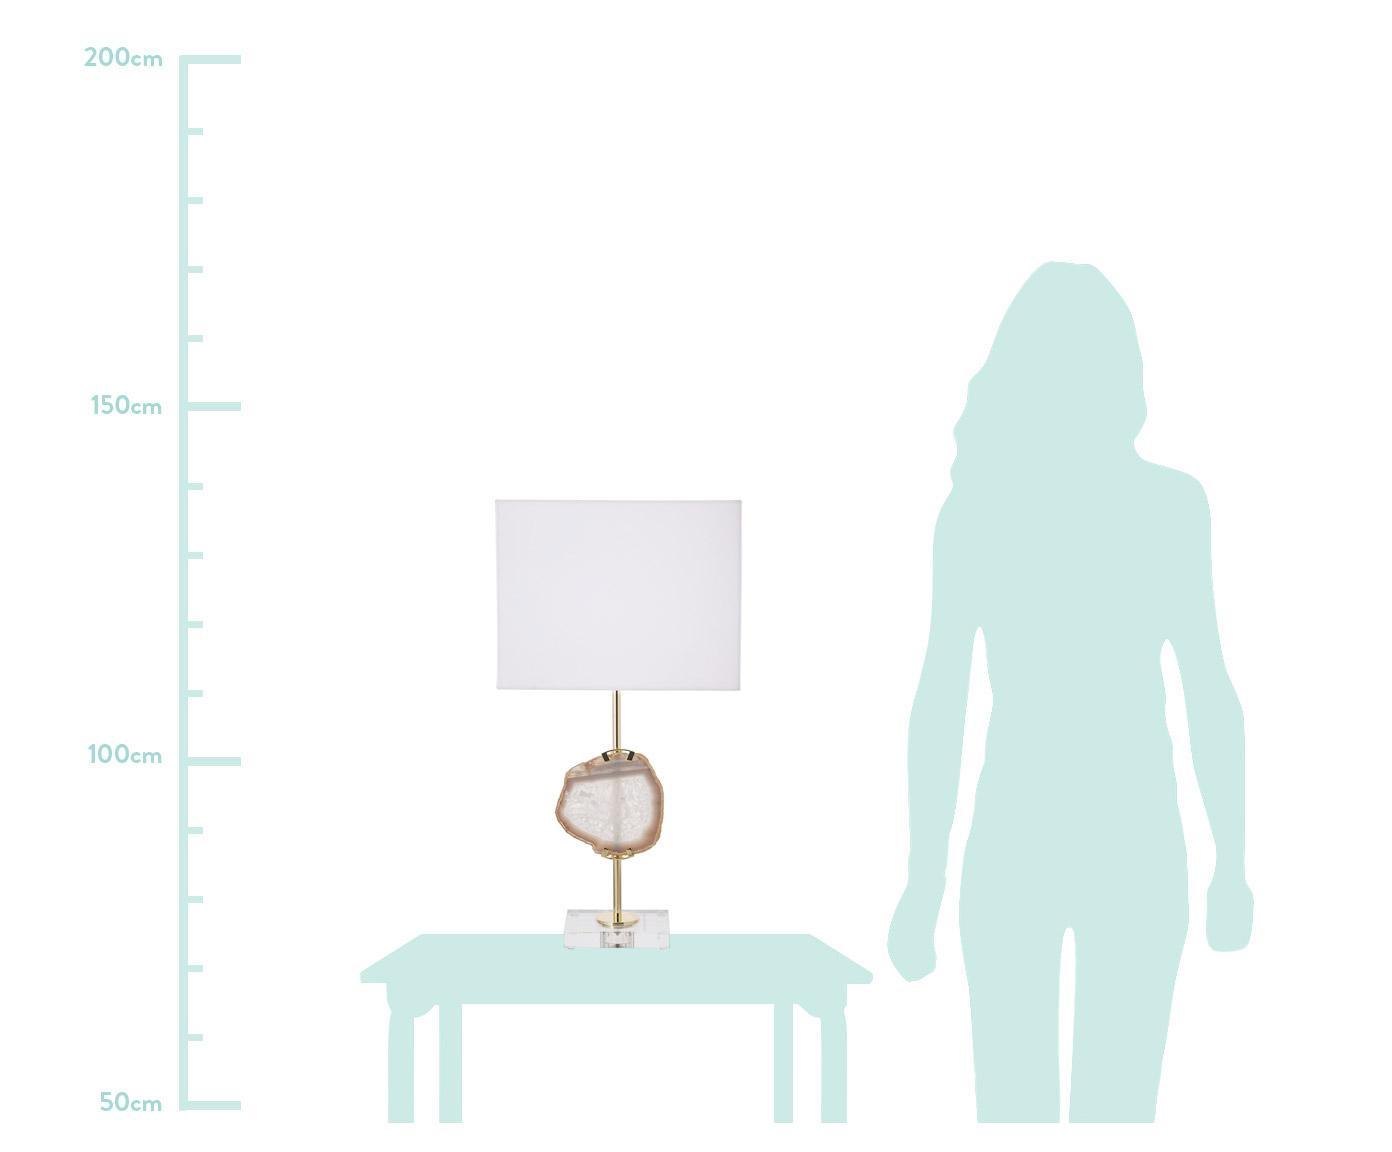 Tafellamp Treasure, Lampvoet: acryl, metaal, Decoratie: agaat, Lampenkap: katoenmix, Transparant, goudkleurig, beige agaat. Lampenkap: wit, 33 x 62 cm